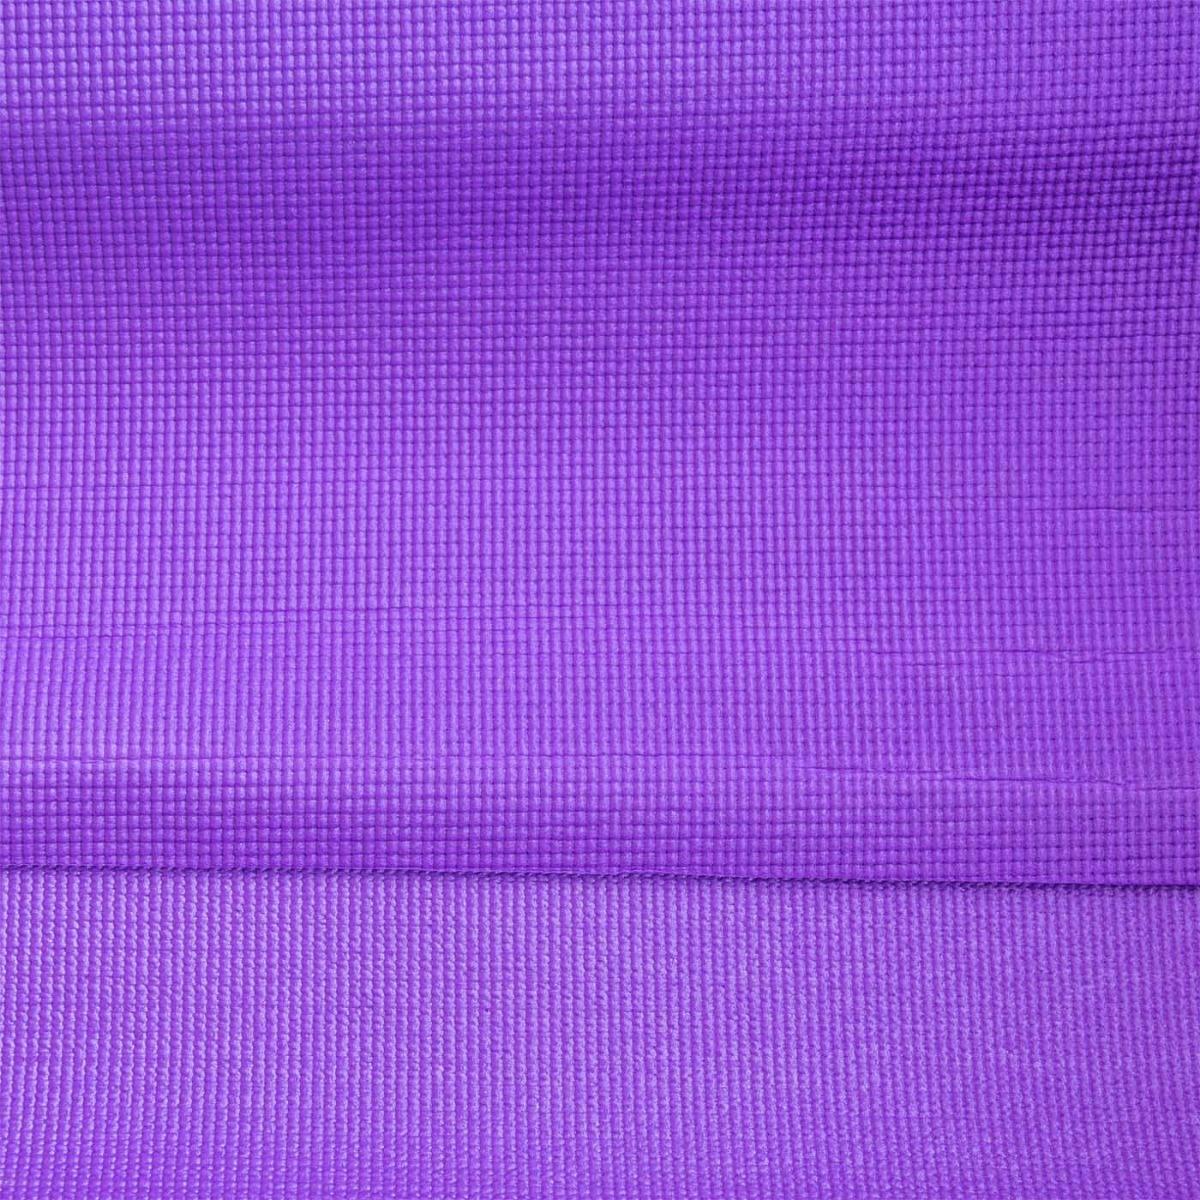 colchonete esteira tapete yoga mat pilates pvc + 1 bolsa 5mm. Carregando  zoom. 99c86f50e4a4